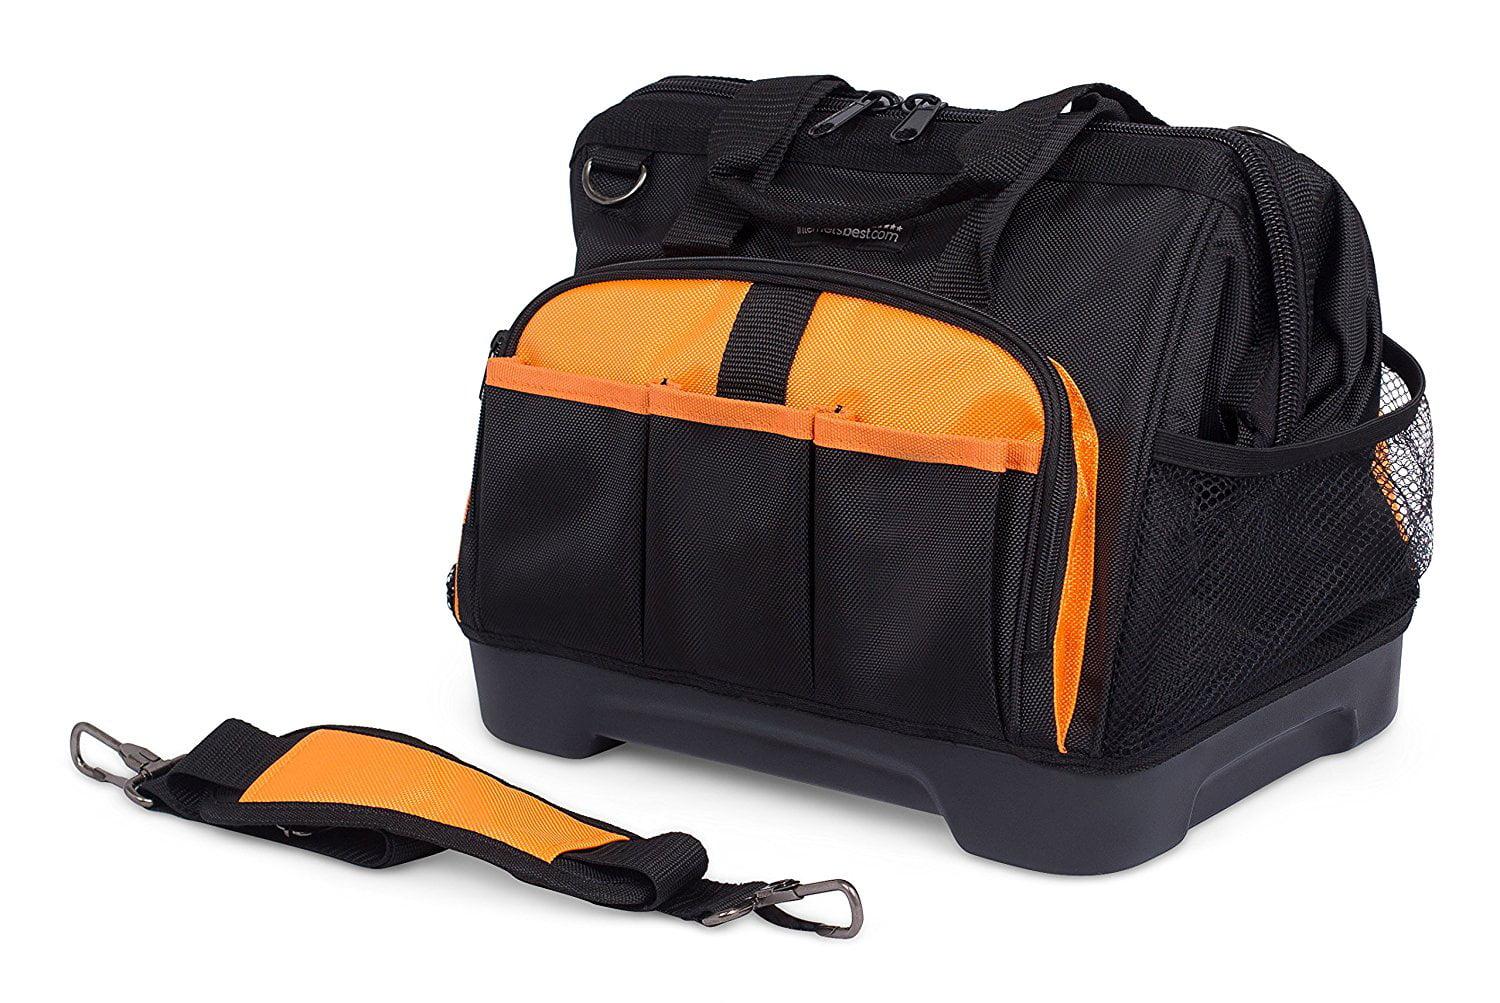 Stanley ToolsTool Bag 16 INCH RIGID WATERPROOF BASE